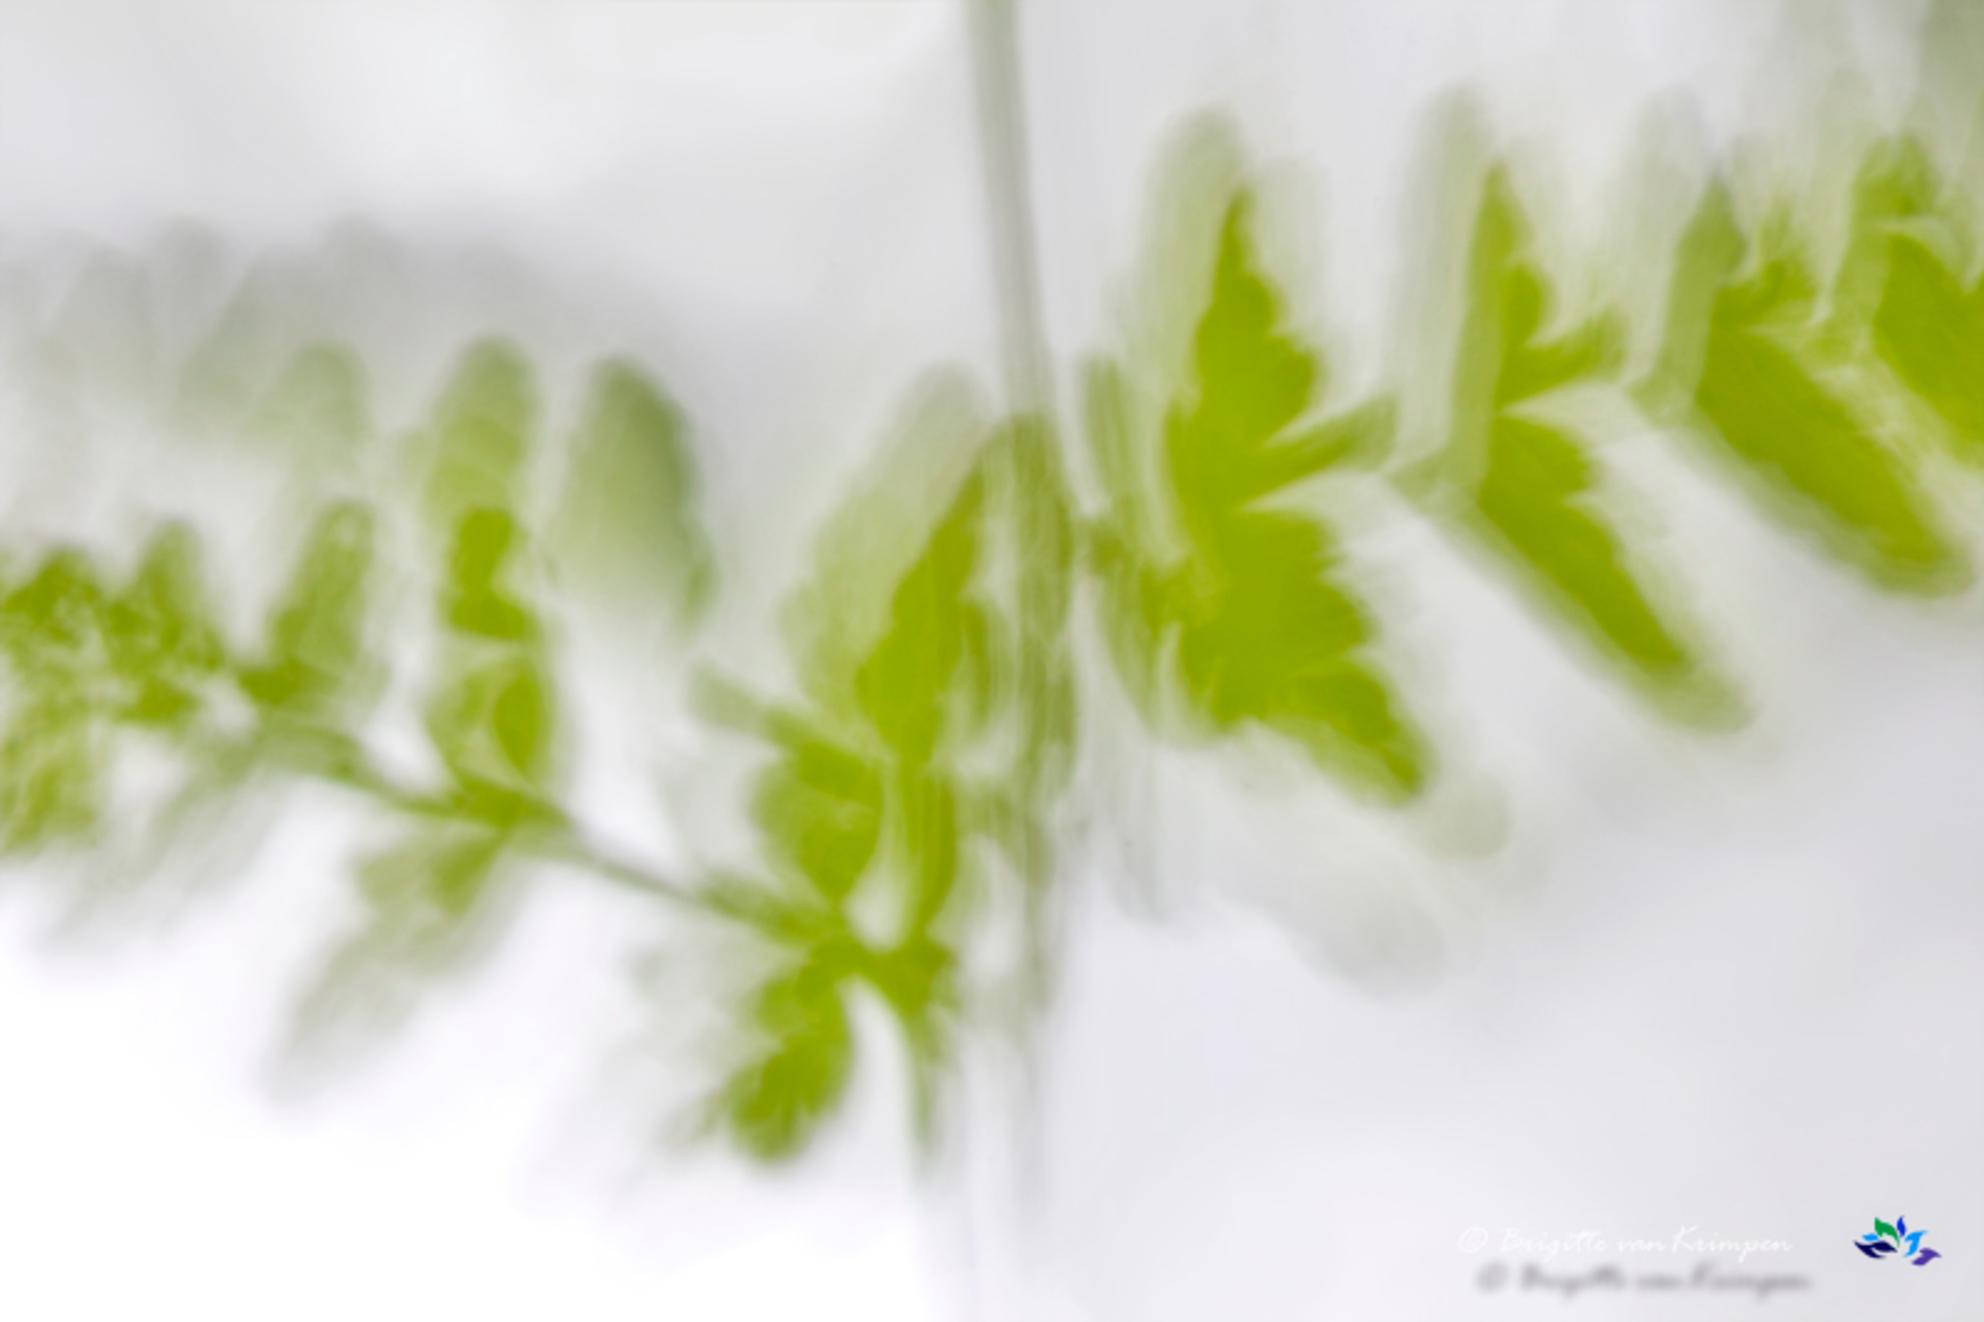 Forest movements II - Allemaal bedankt voor de reacties op mij varen & groen serie variant 1. De eerste zat nog wat scherpte in. Deze variant is wat creatiever opgebouwd - foto door Puck101259 op 11-07-2016 - deze foto bevat: groen, macro, natuur, geel, licht, zomer, beweging, onscherp, varen, dof, brigitte, high key - Deze foto mag gebruikt worden in een Zoom.nl publicatie